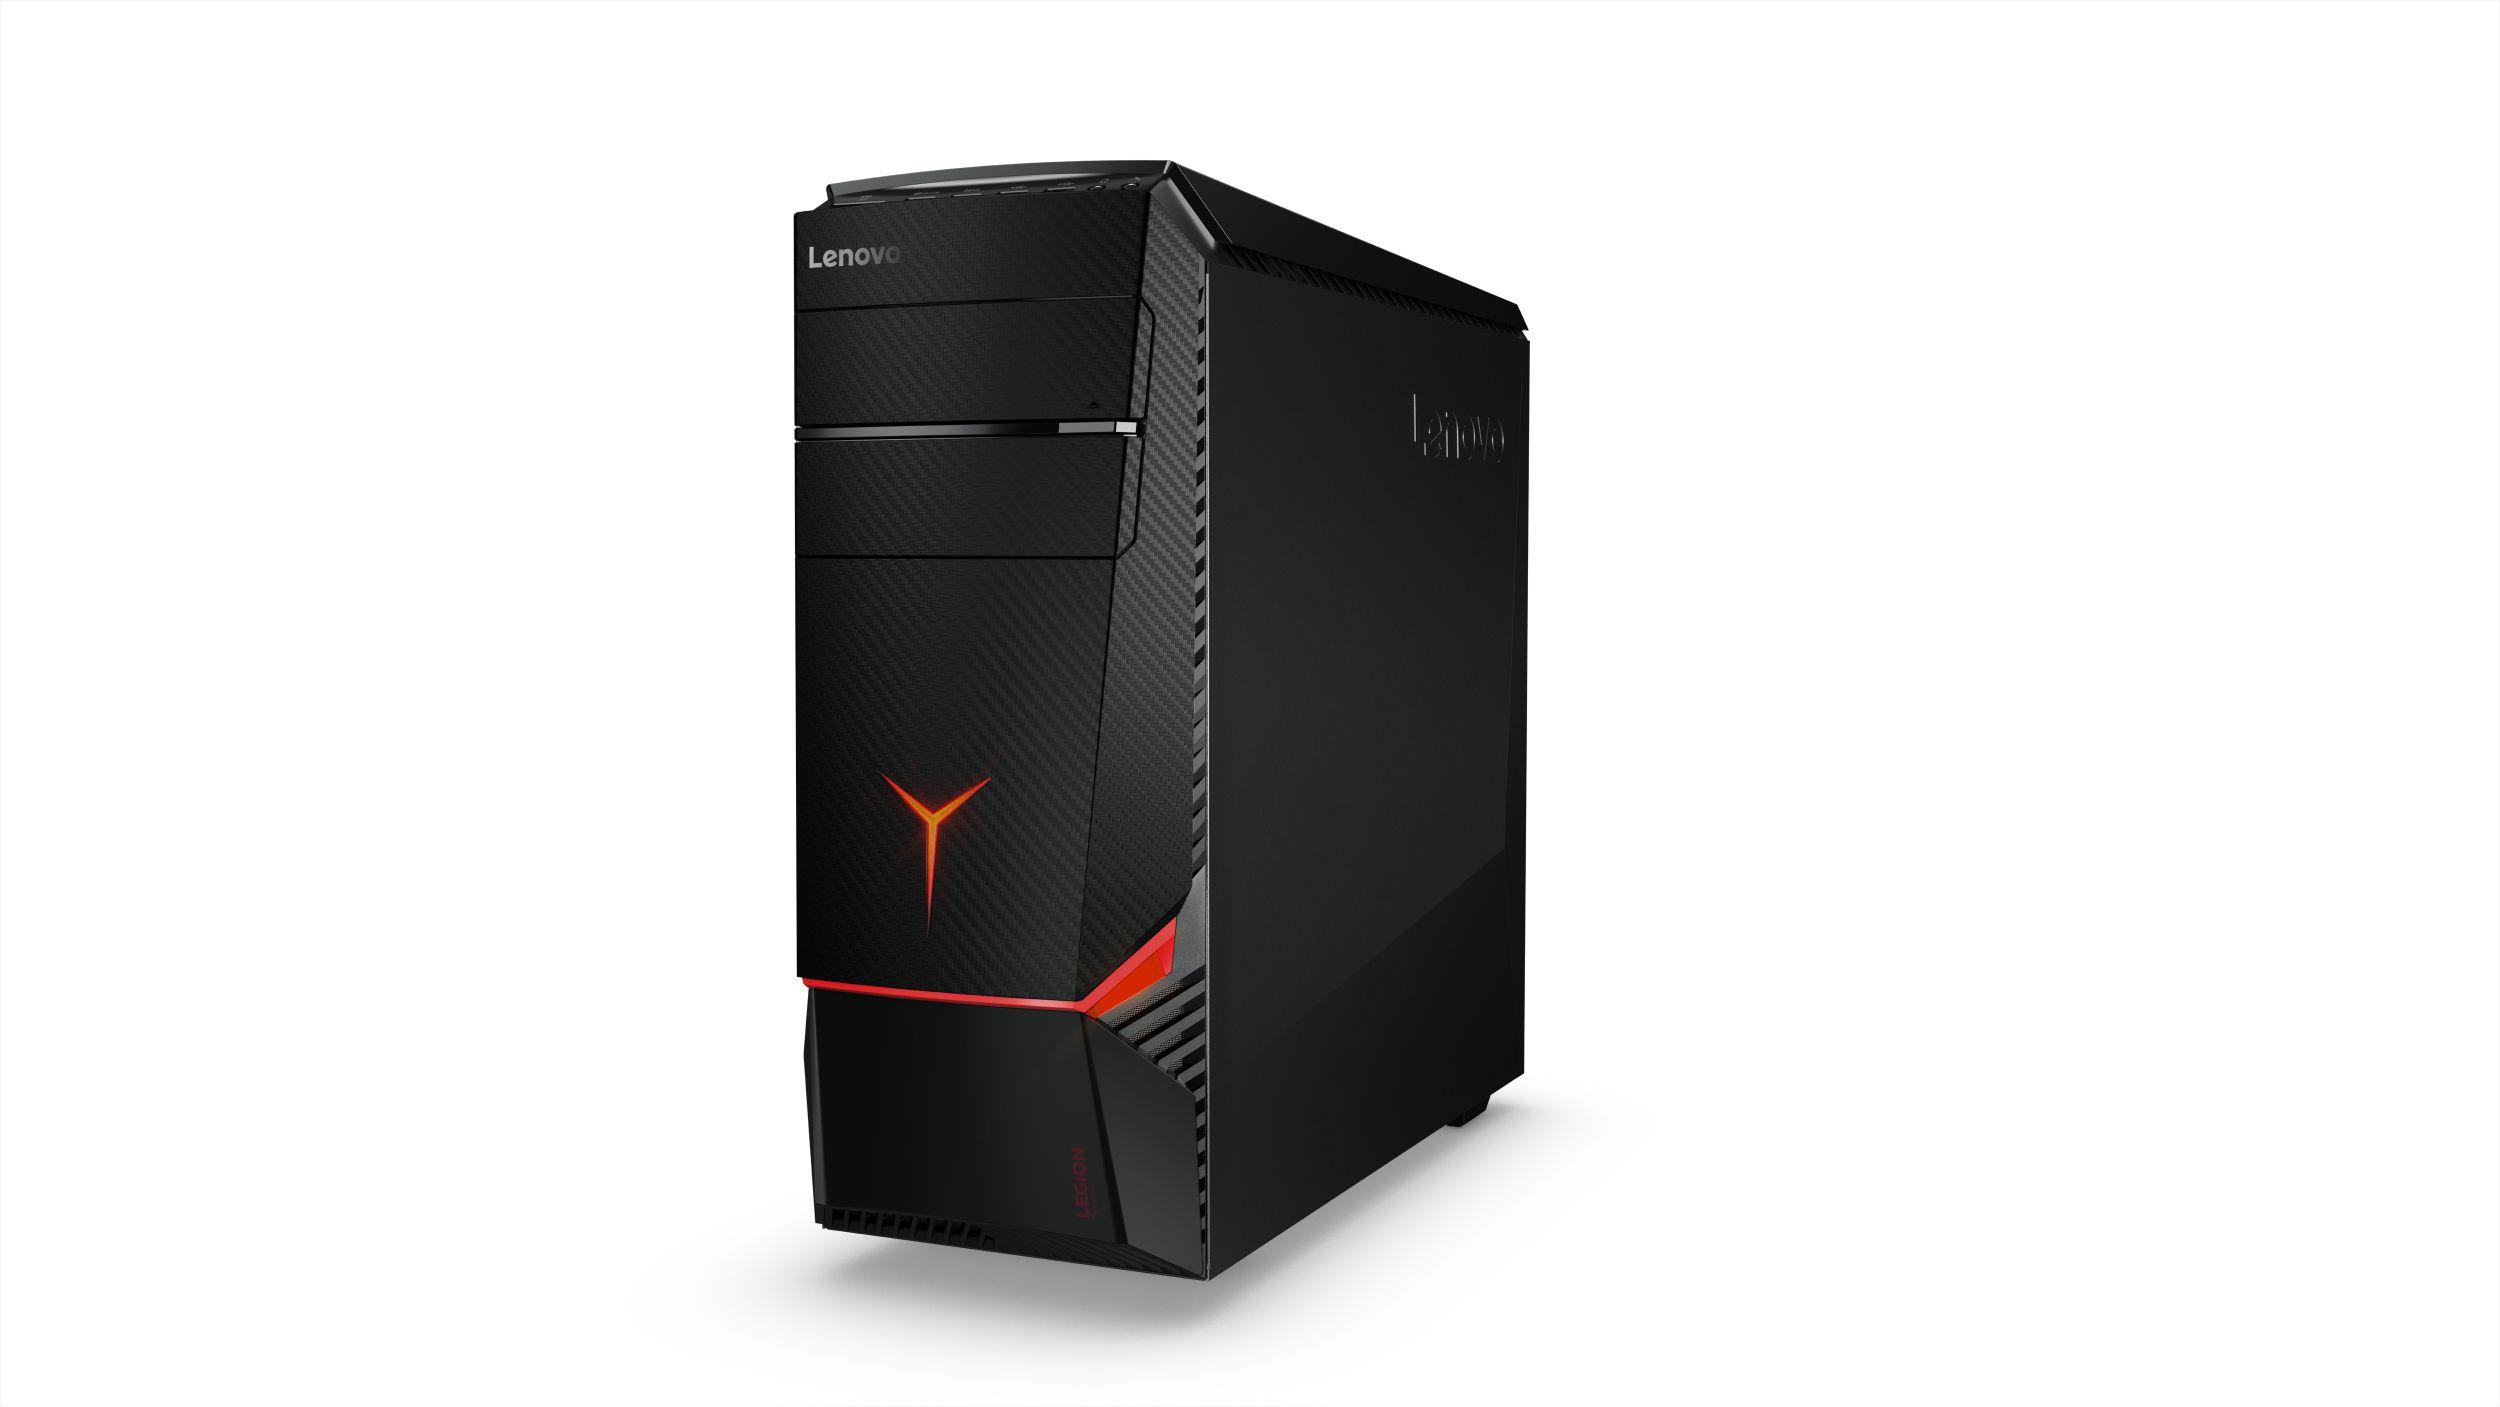 Lenovo Legion Y720T-34ASU AMD Ryzen 5 1400 3,40GHz/8GB/SSD 256GB+HDD 1TB/GeForce 6GB/DVD-RW/TWR/36m ON-SITE/WIN10 Home